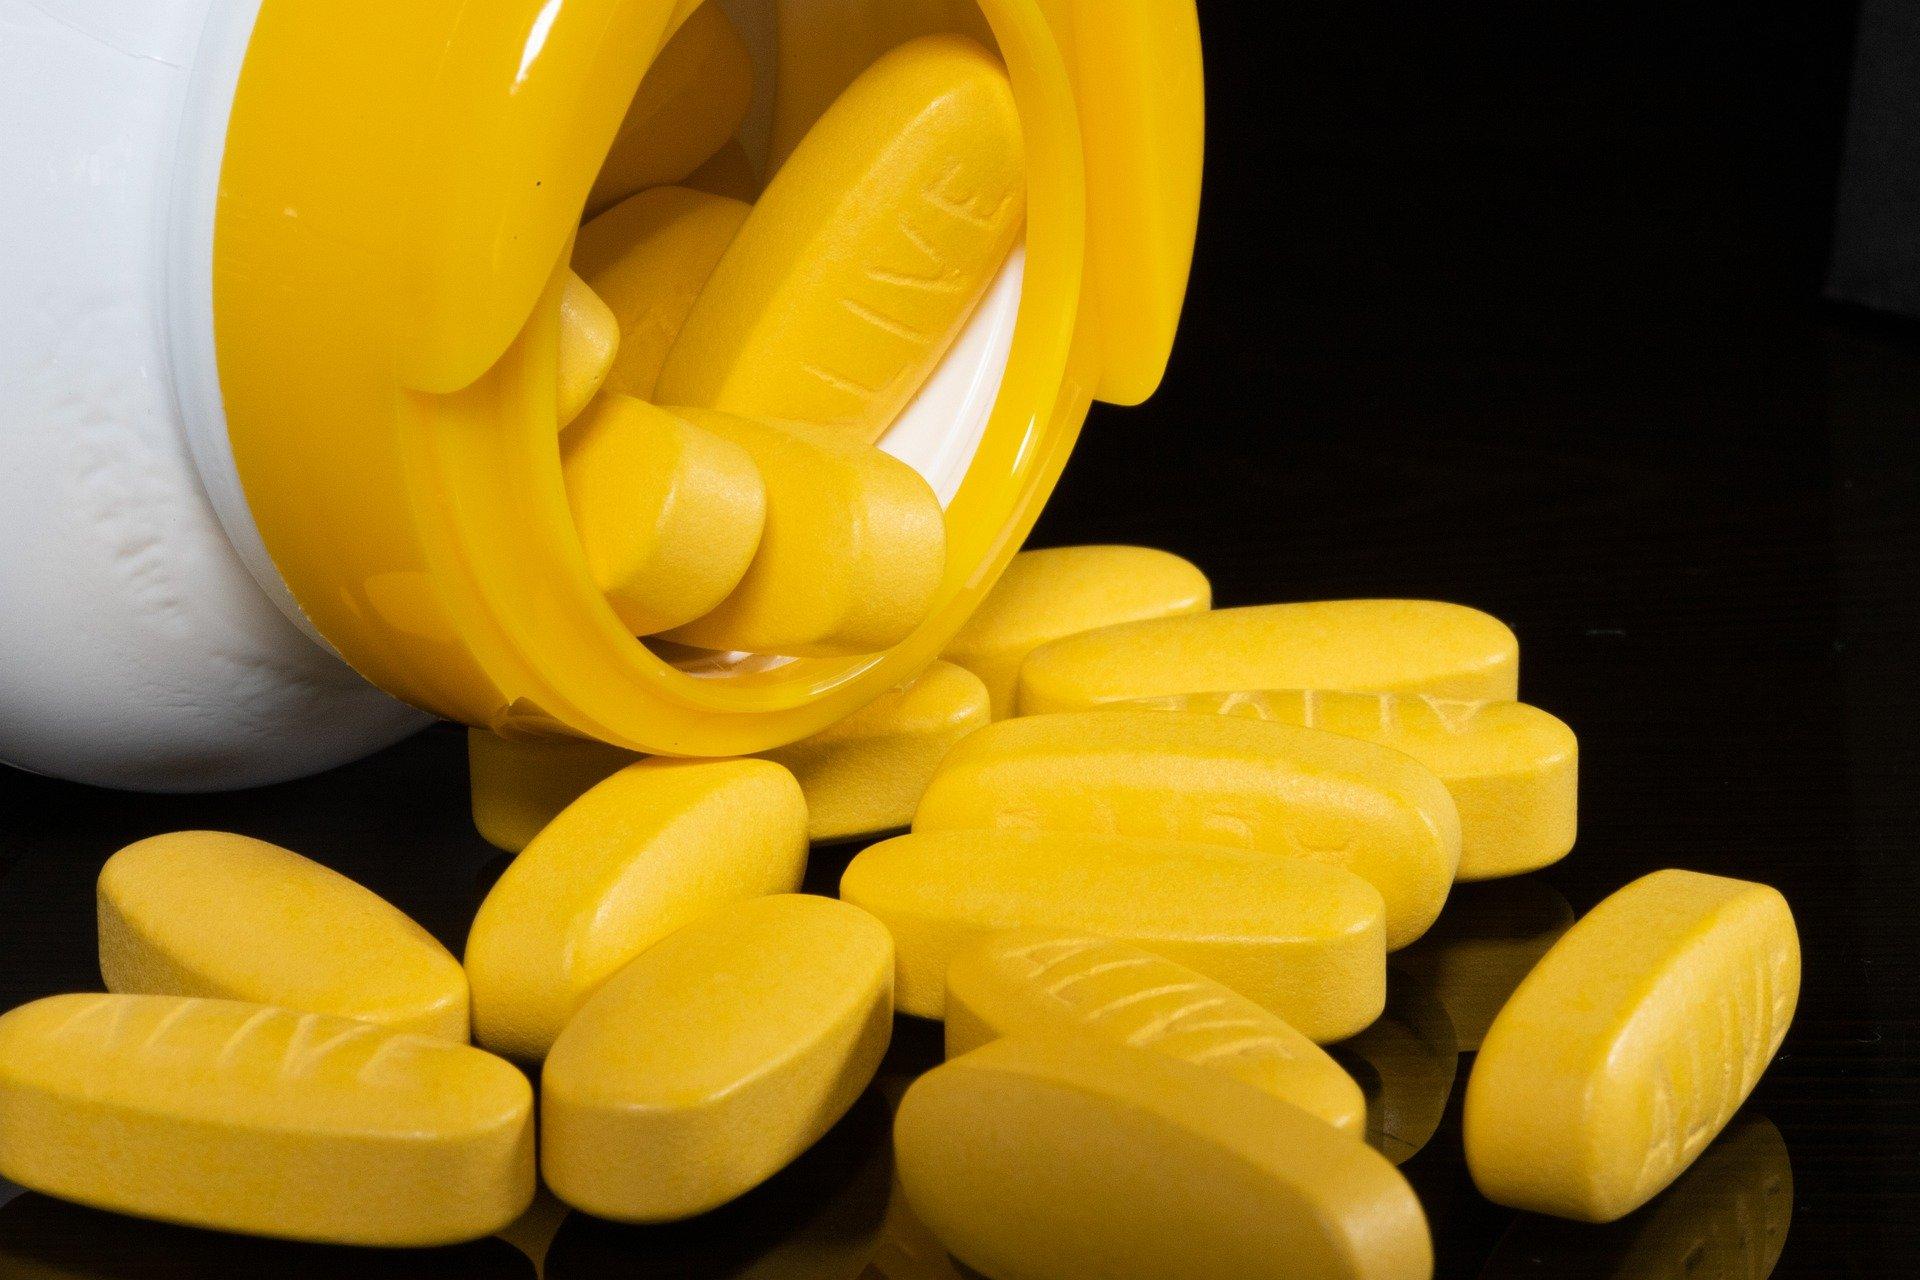 Imagem mostra várias cápsulas amarelas saindo de um frasco.